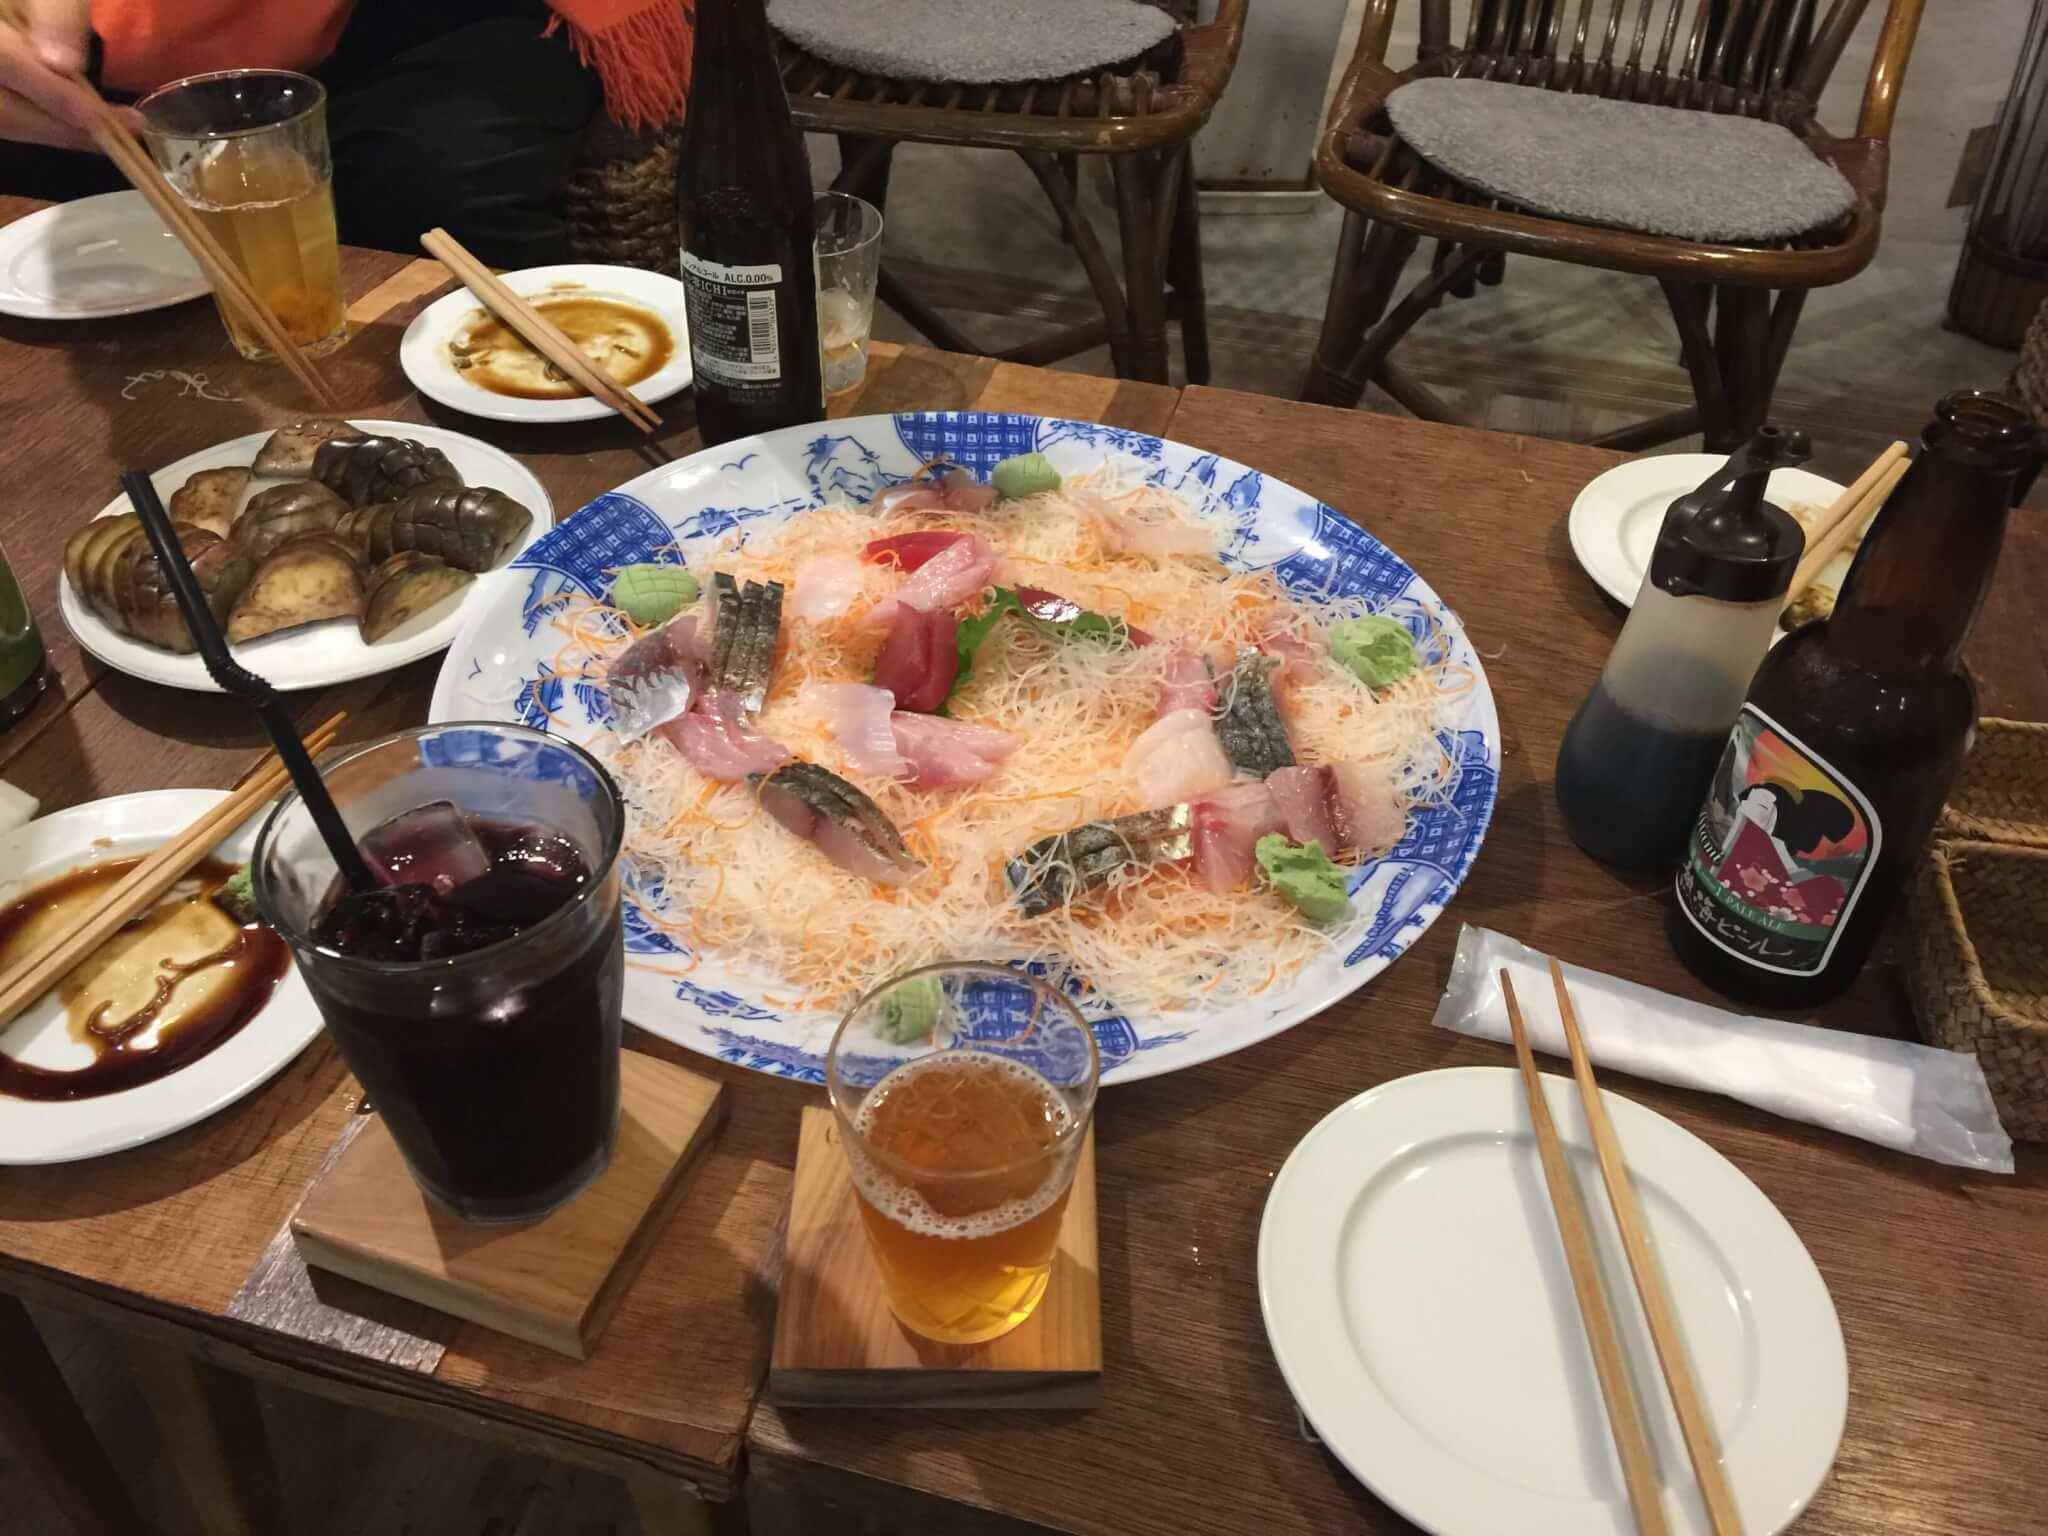 熱海ゲストハウスMARUYAさんで行われた刺身パーティ